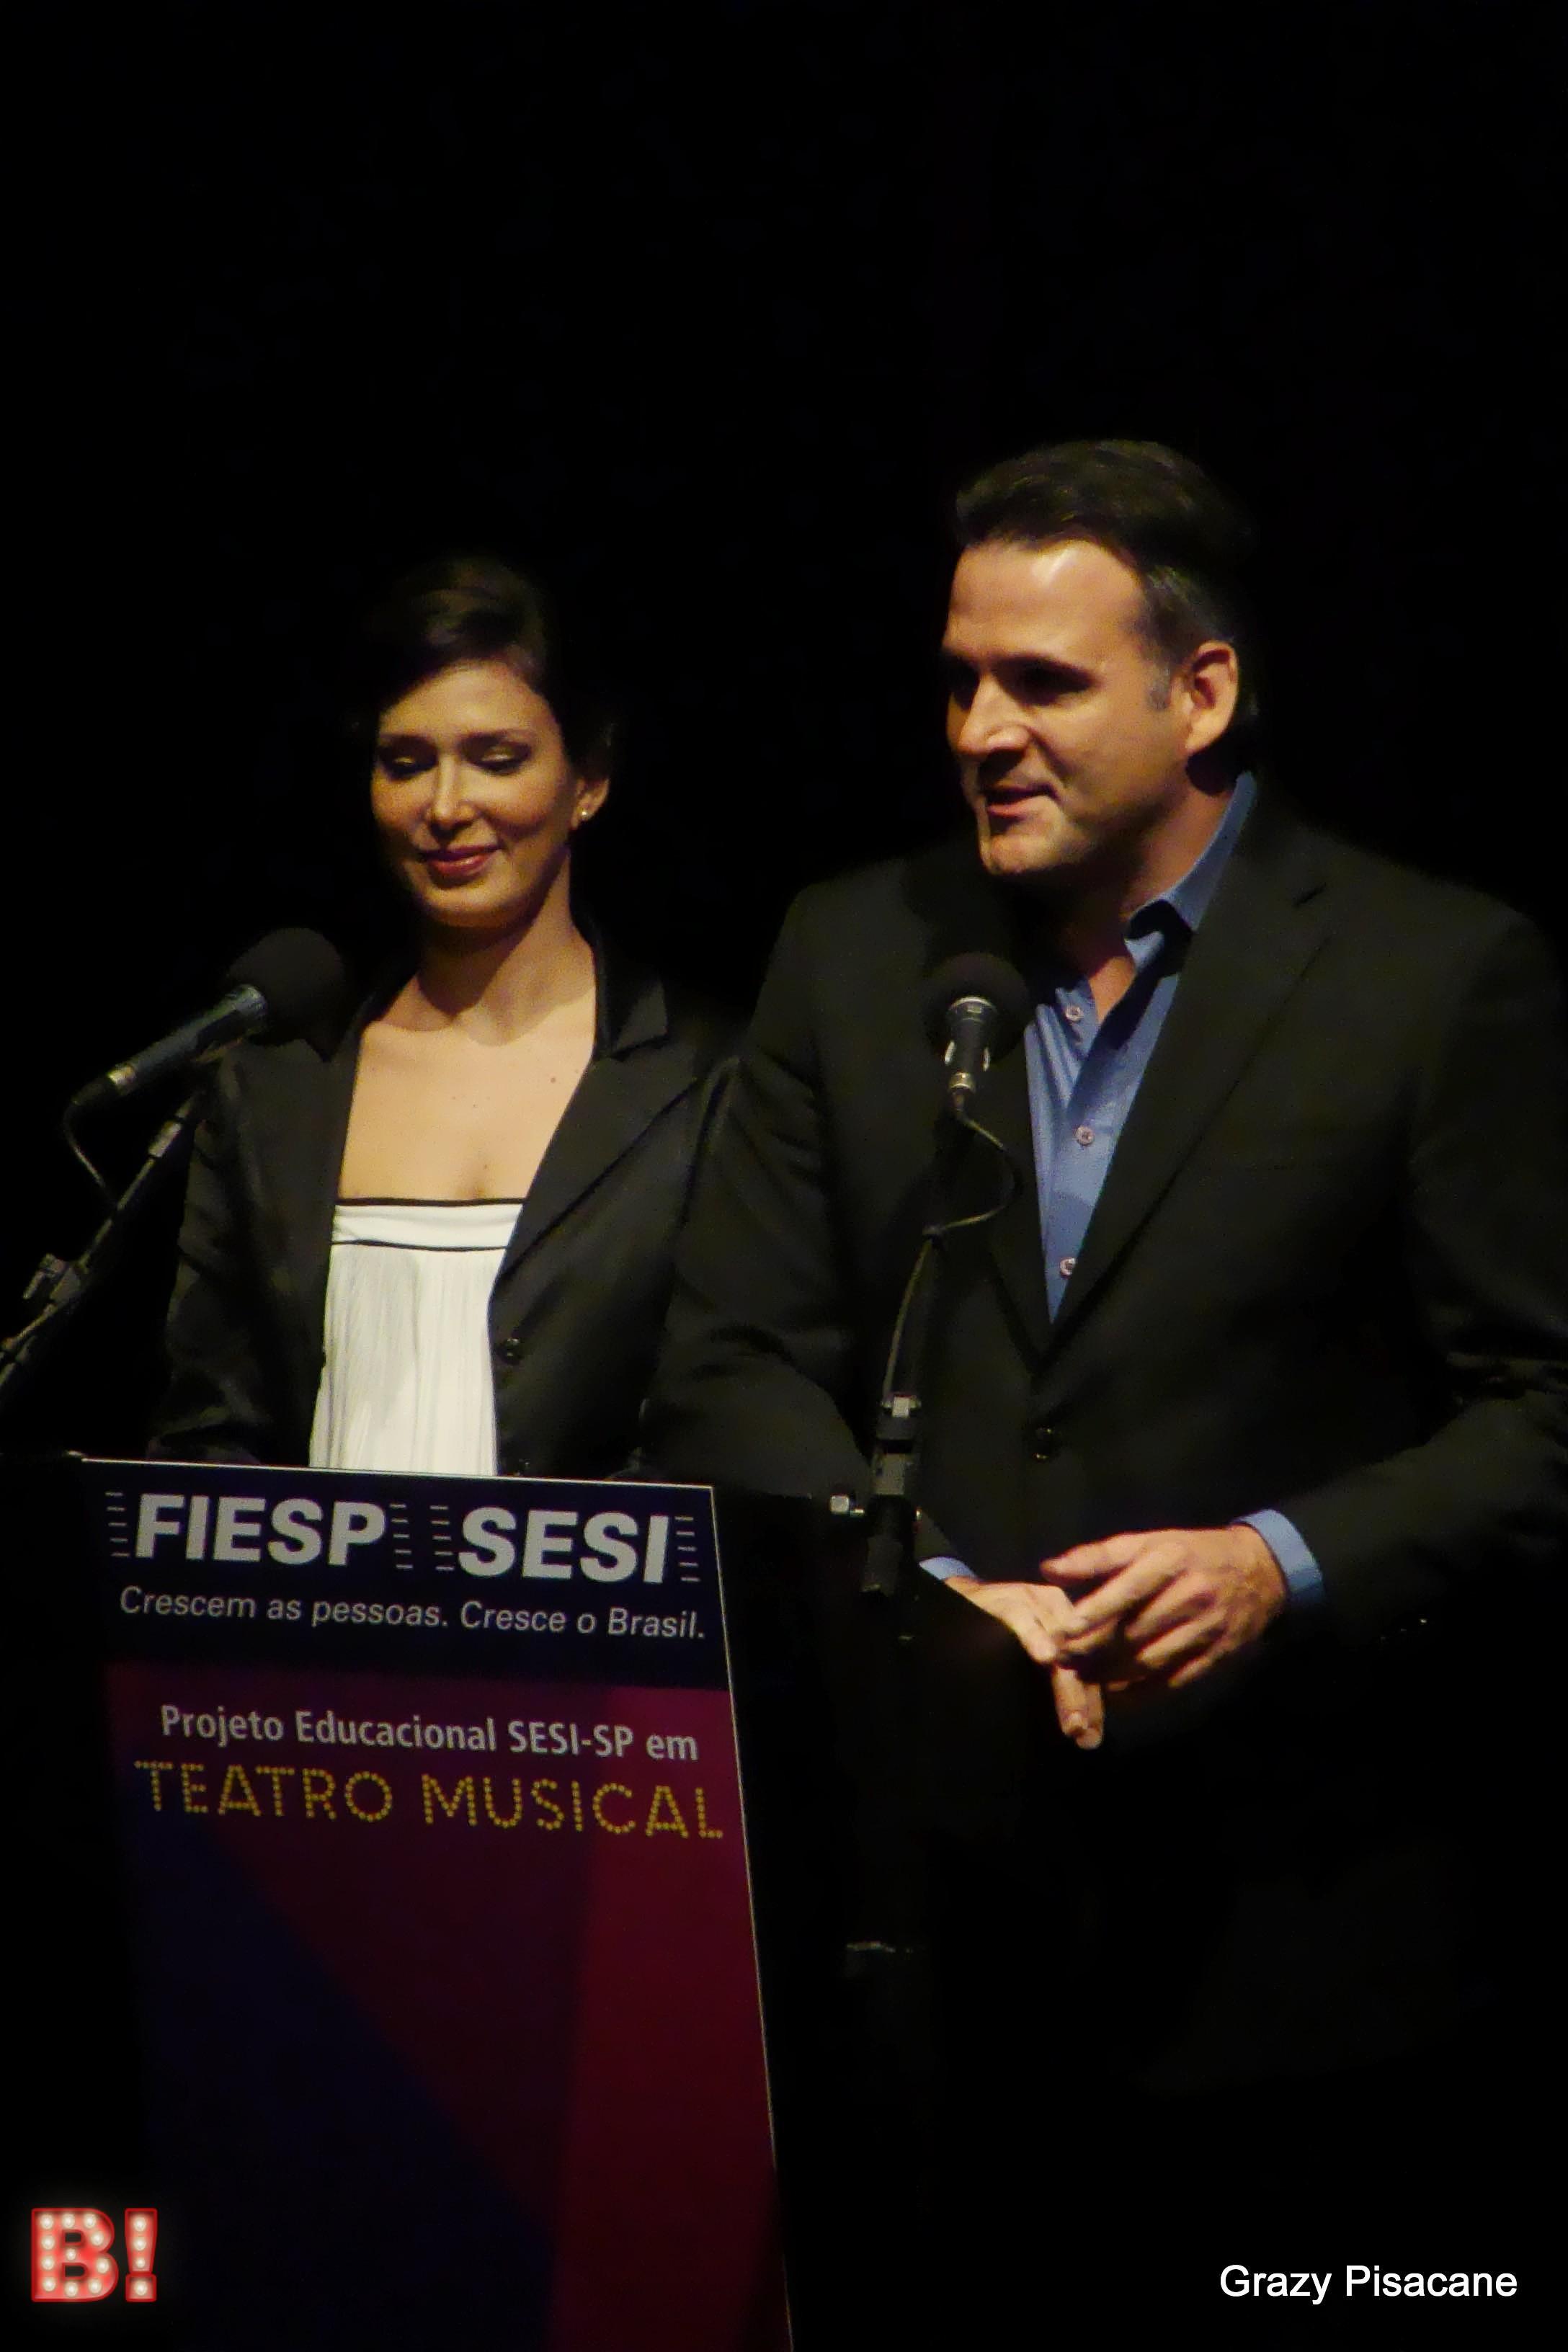 Sara Sarres e Saulo Vasconcelos - Foto: Grazy Pisacane